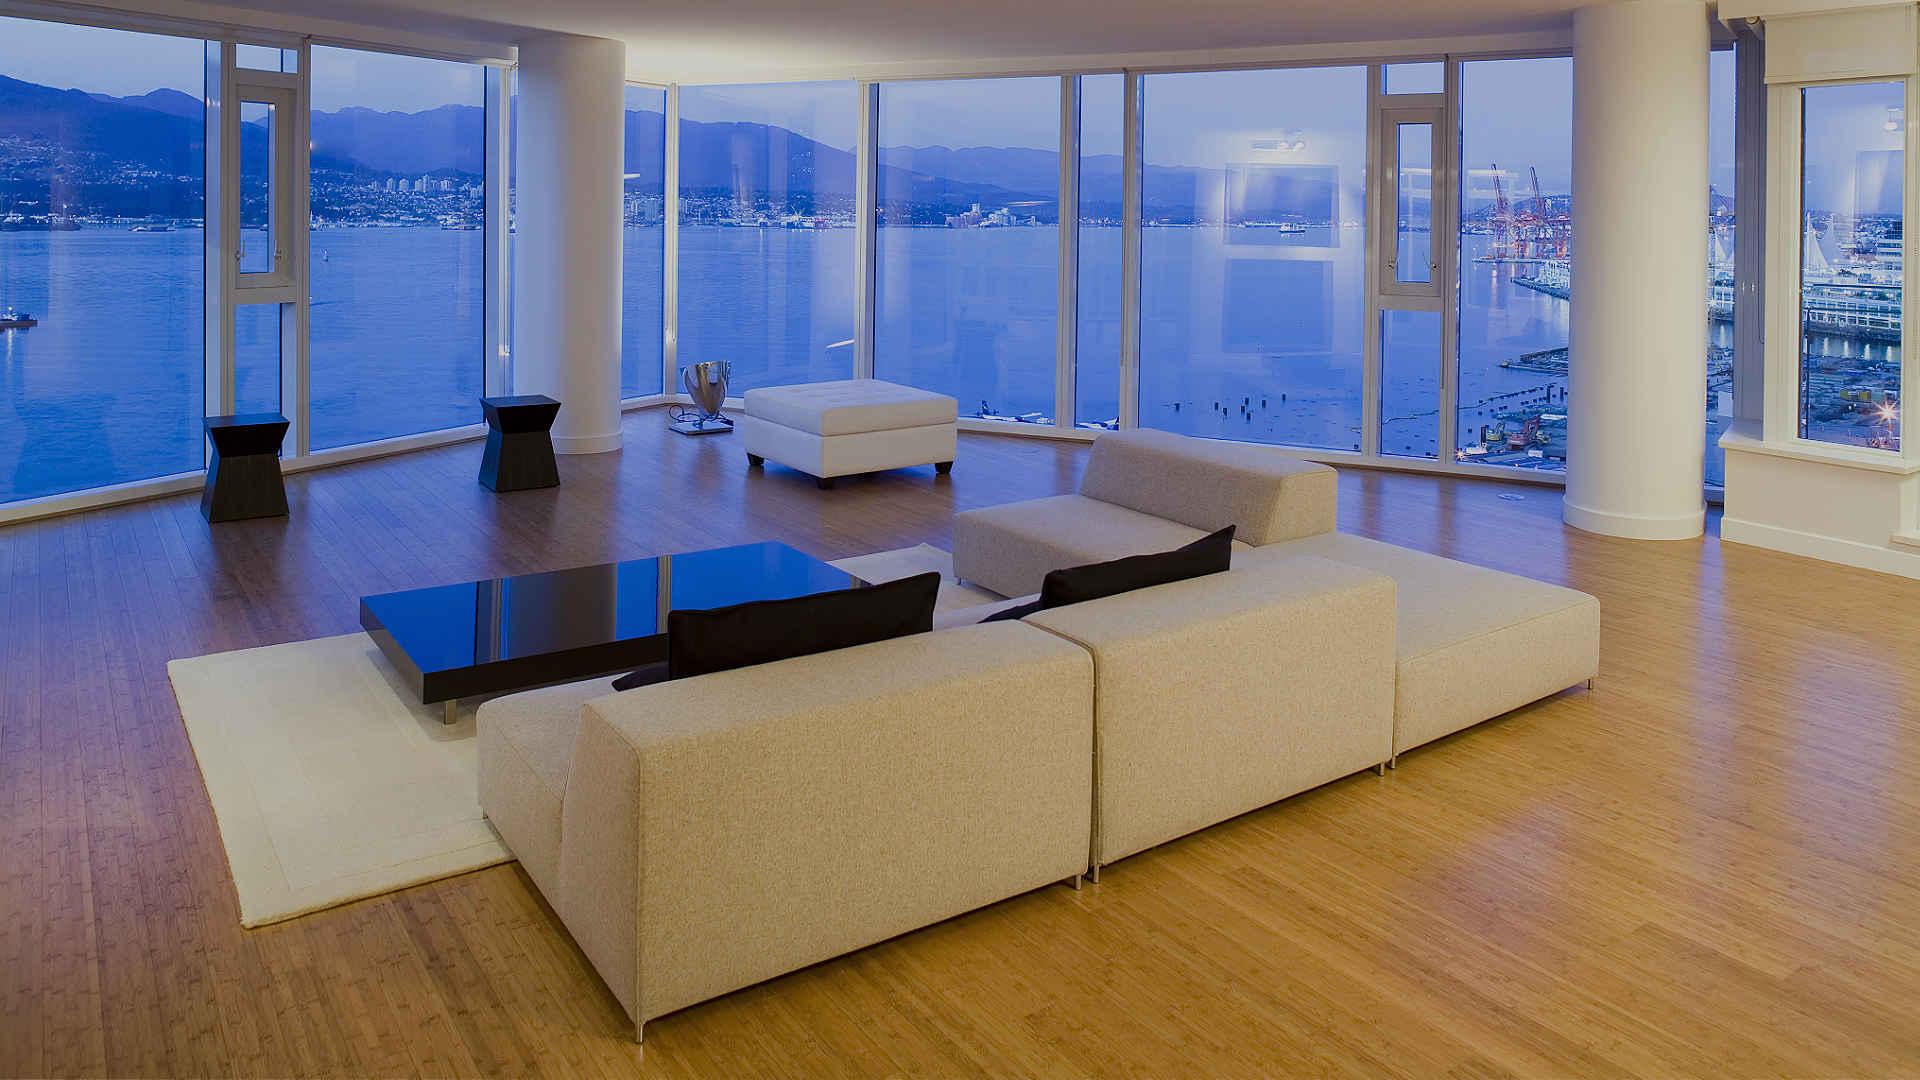 Loft mit horizontalem Bambus Parkett und moderner Einrichtung. Blick auf Bucht.